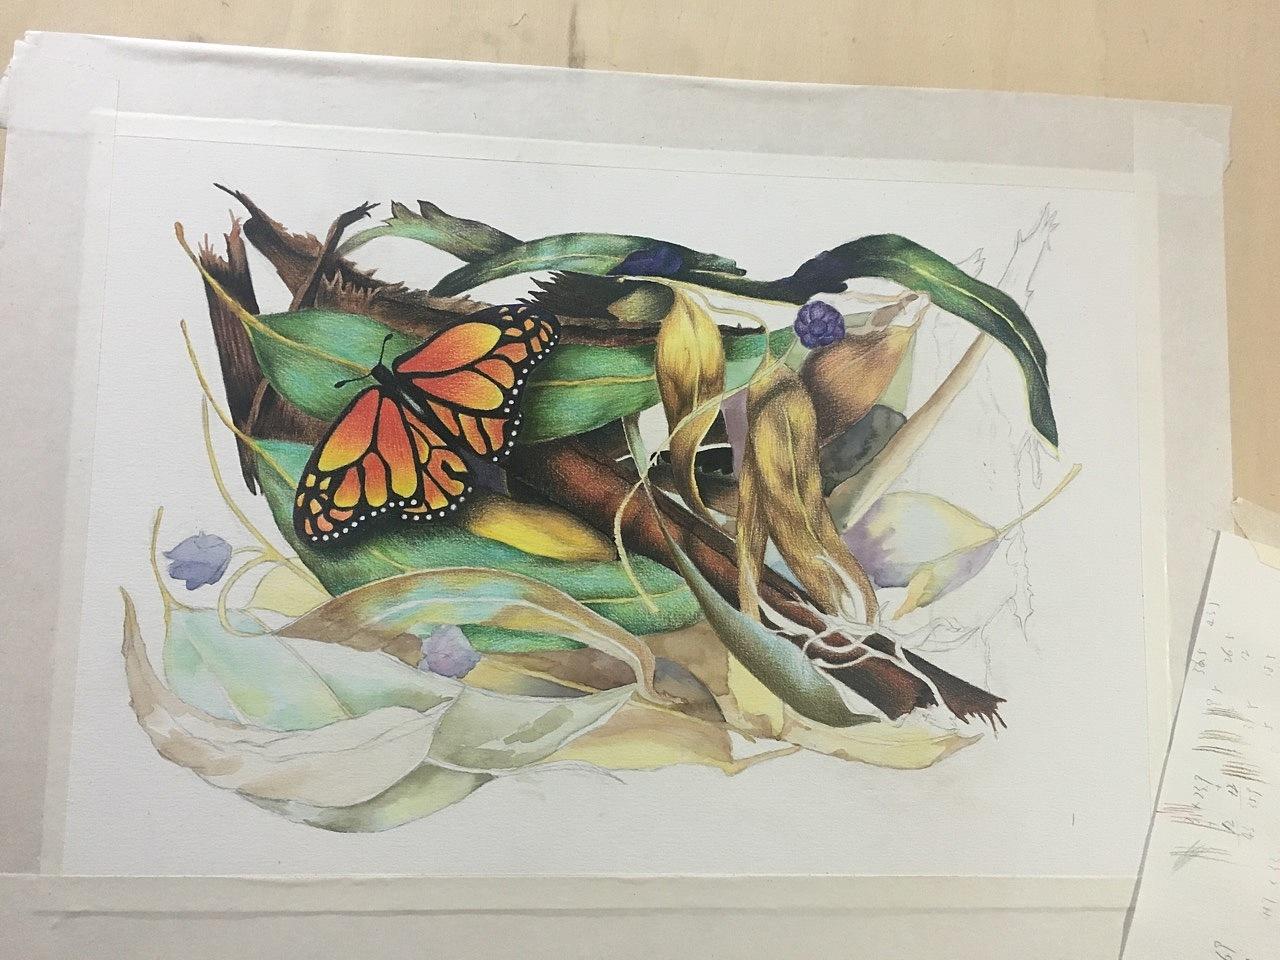 zimoo手绘彩铅——田园&蝴蝶